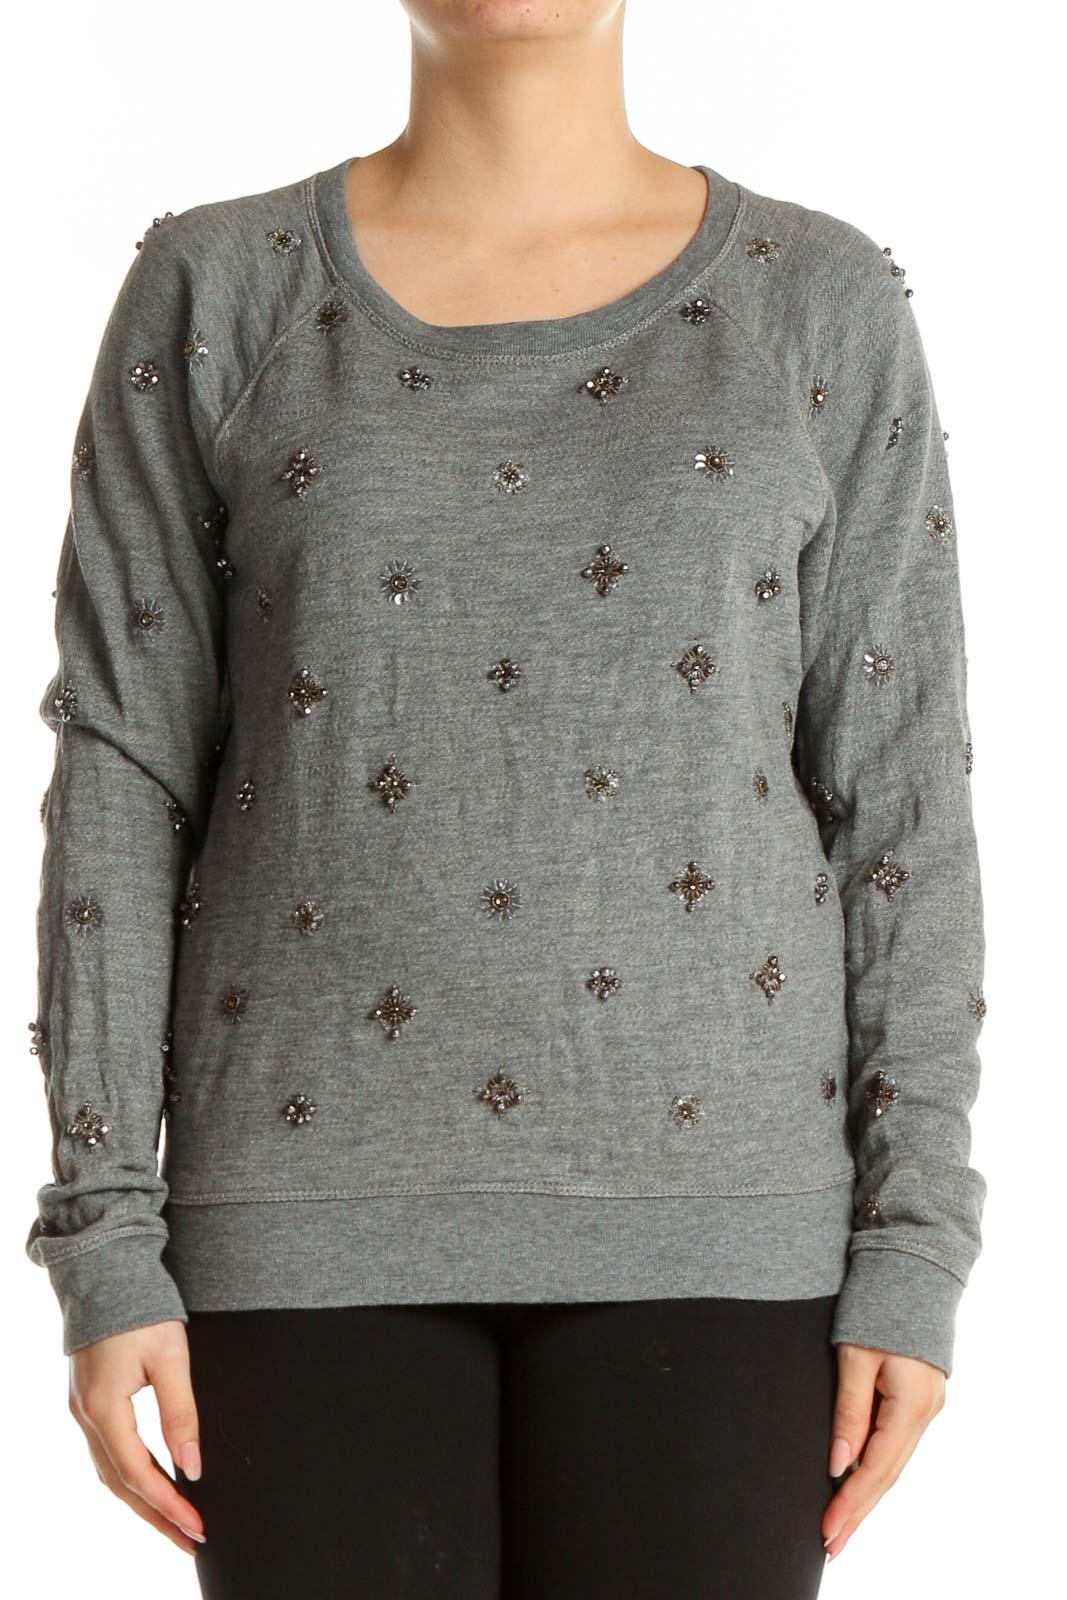 Gray Sequin Sweatshirt Front